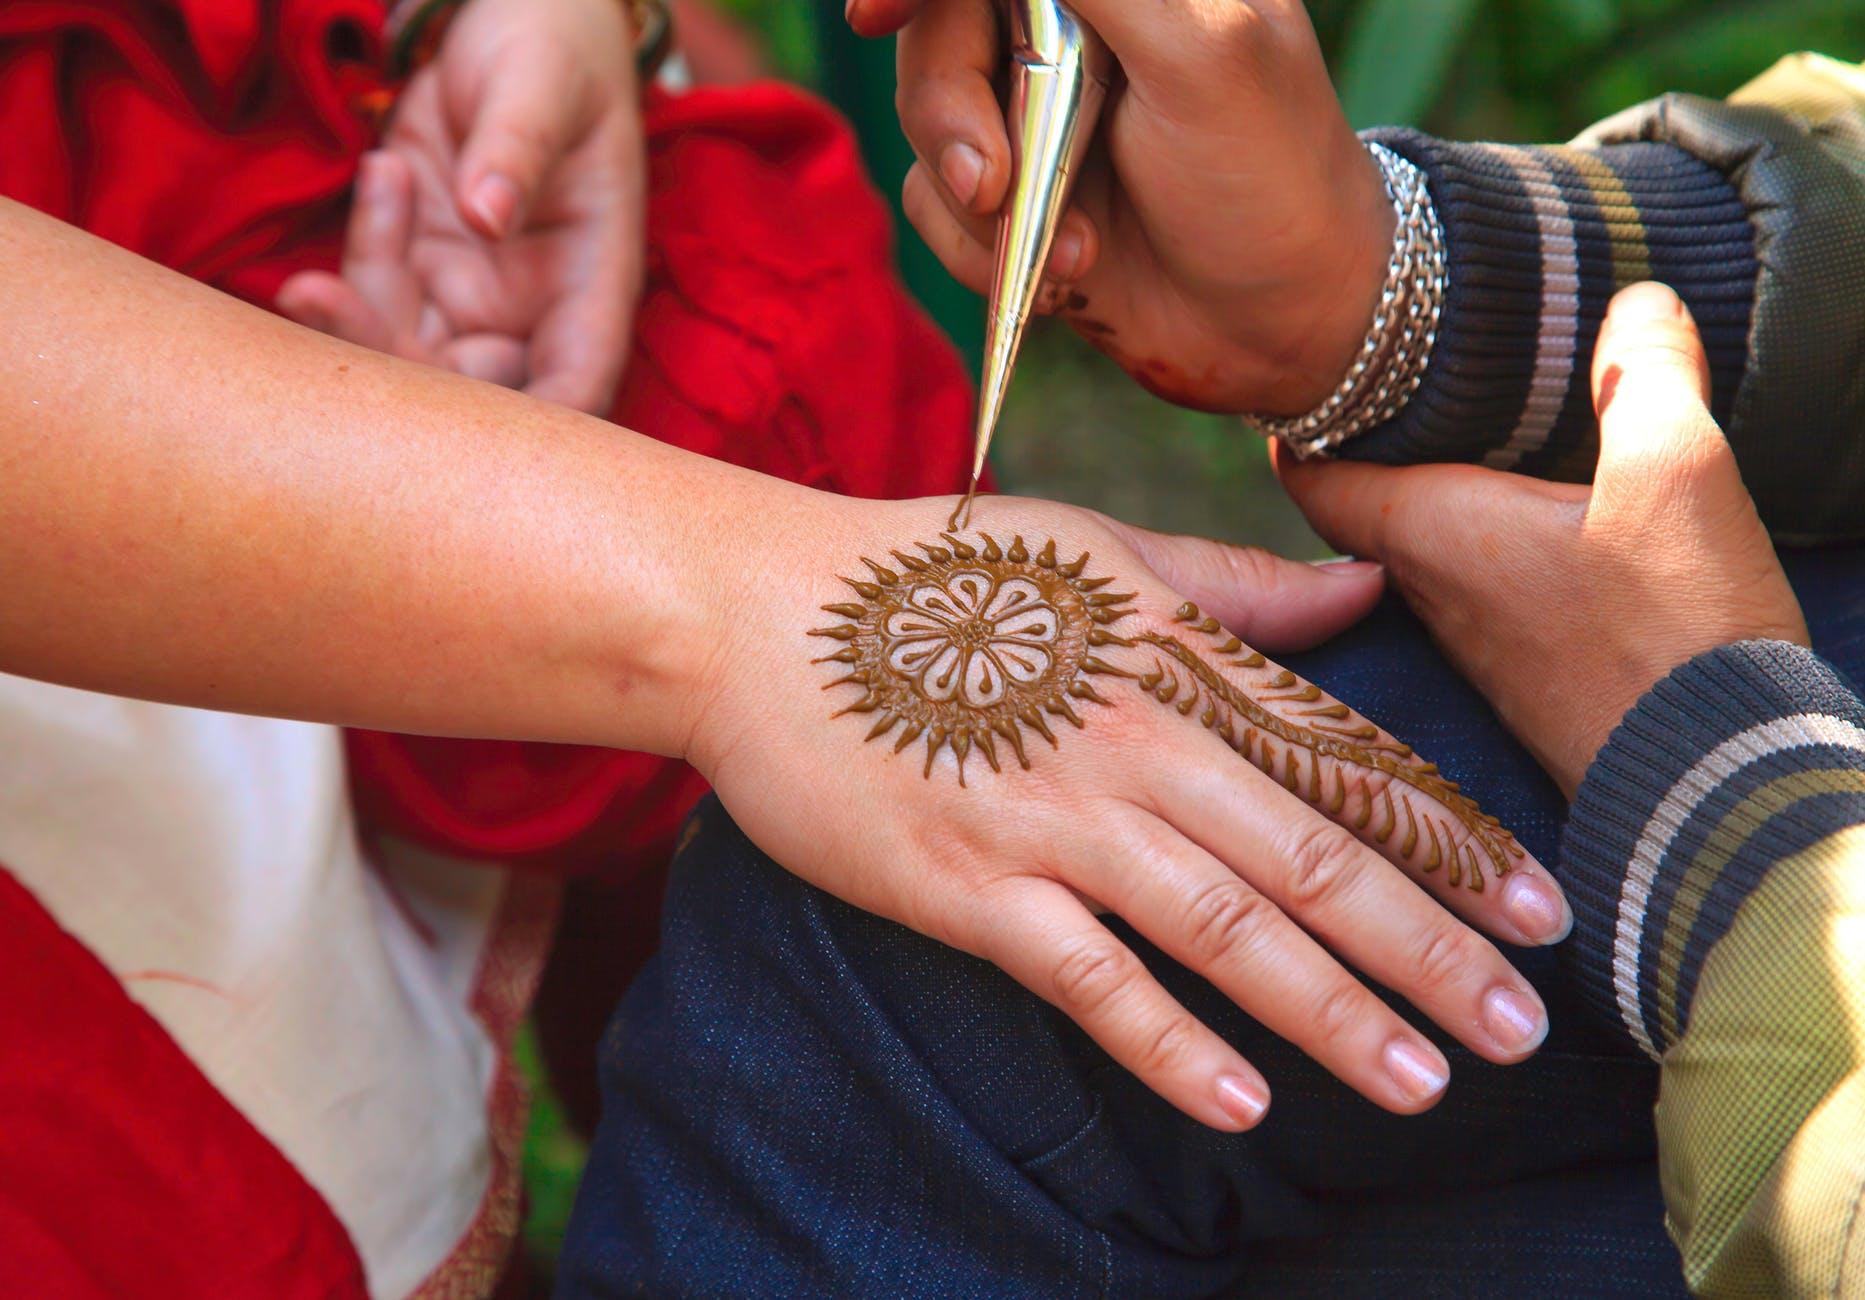 increíbles propuestas de tattoos hechos con henna, diseños de tatuajes temporales que lucen espectacular